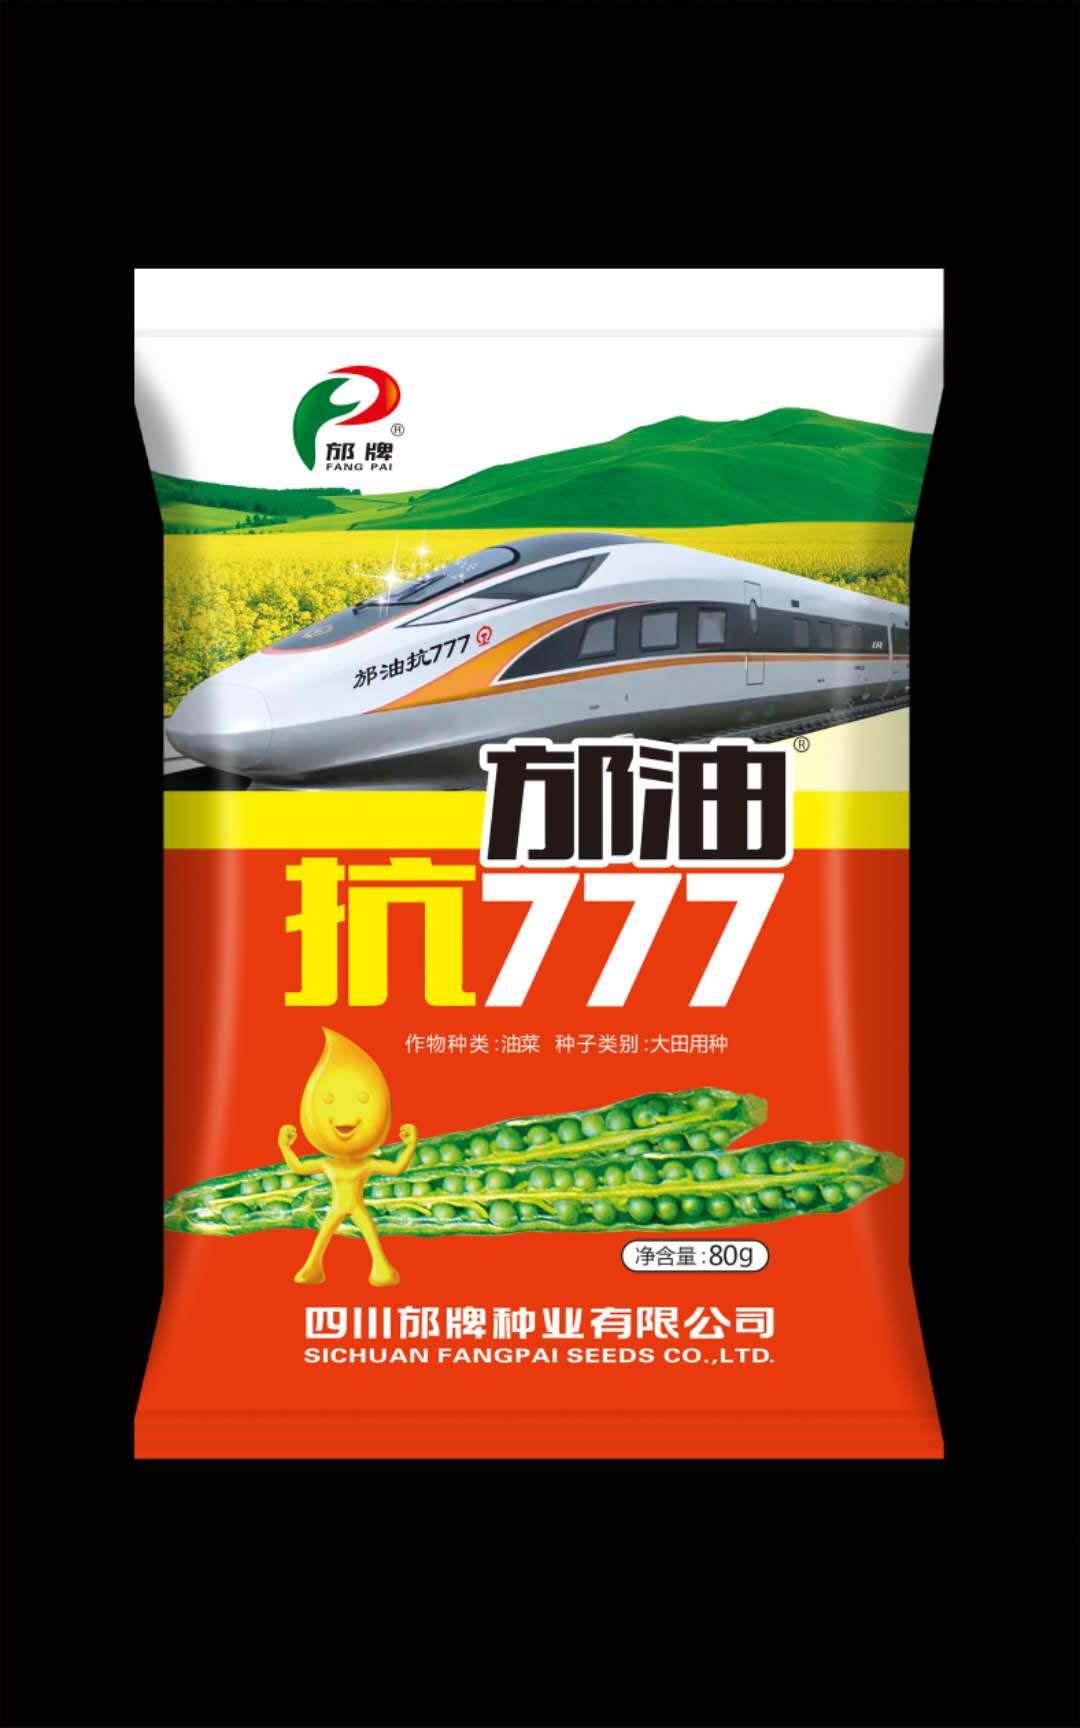 品种名称:邡油抗777